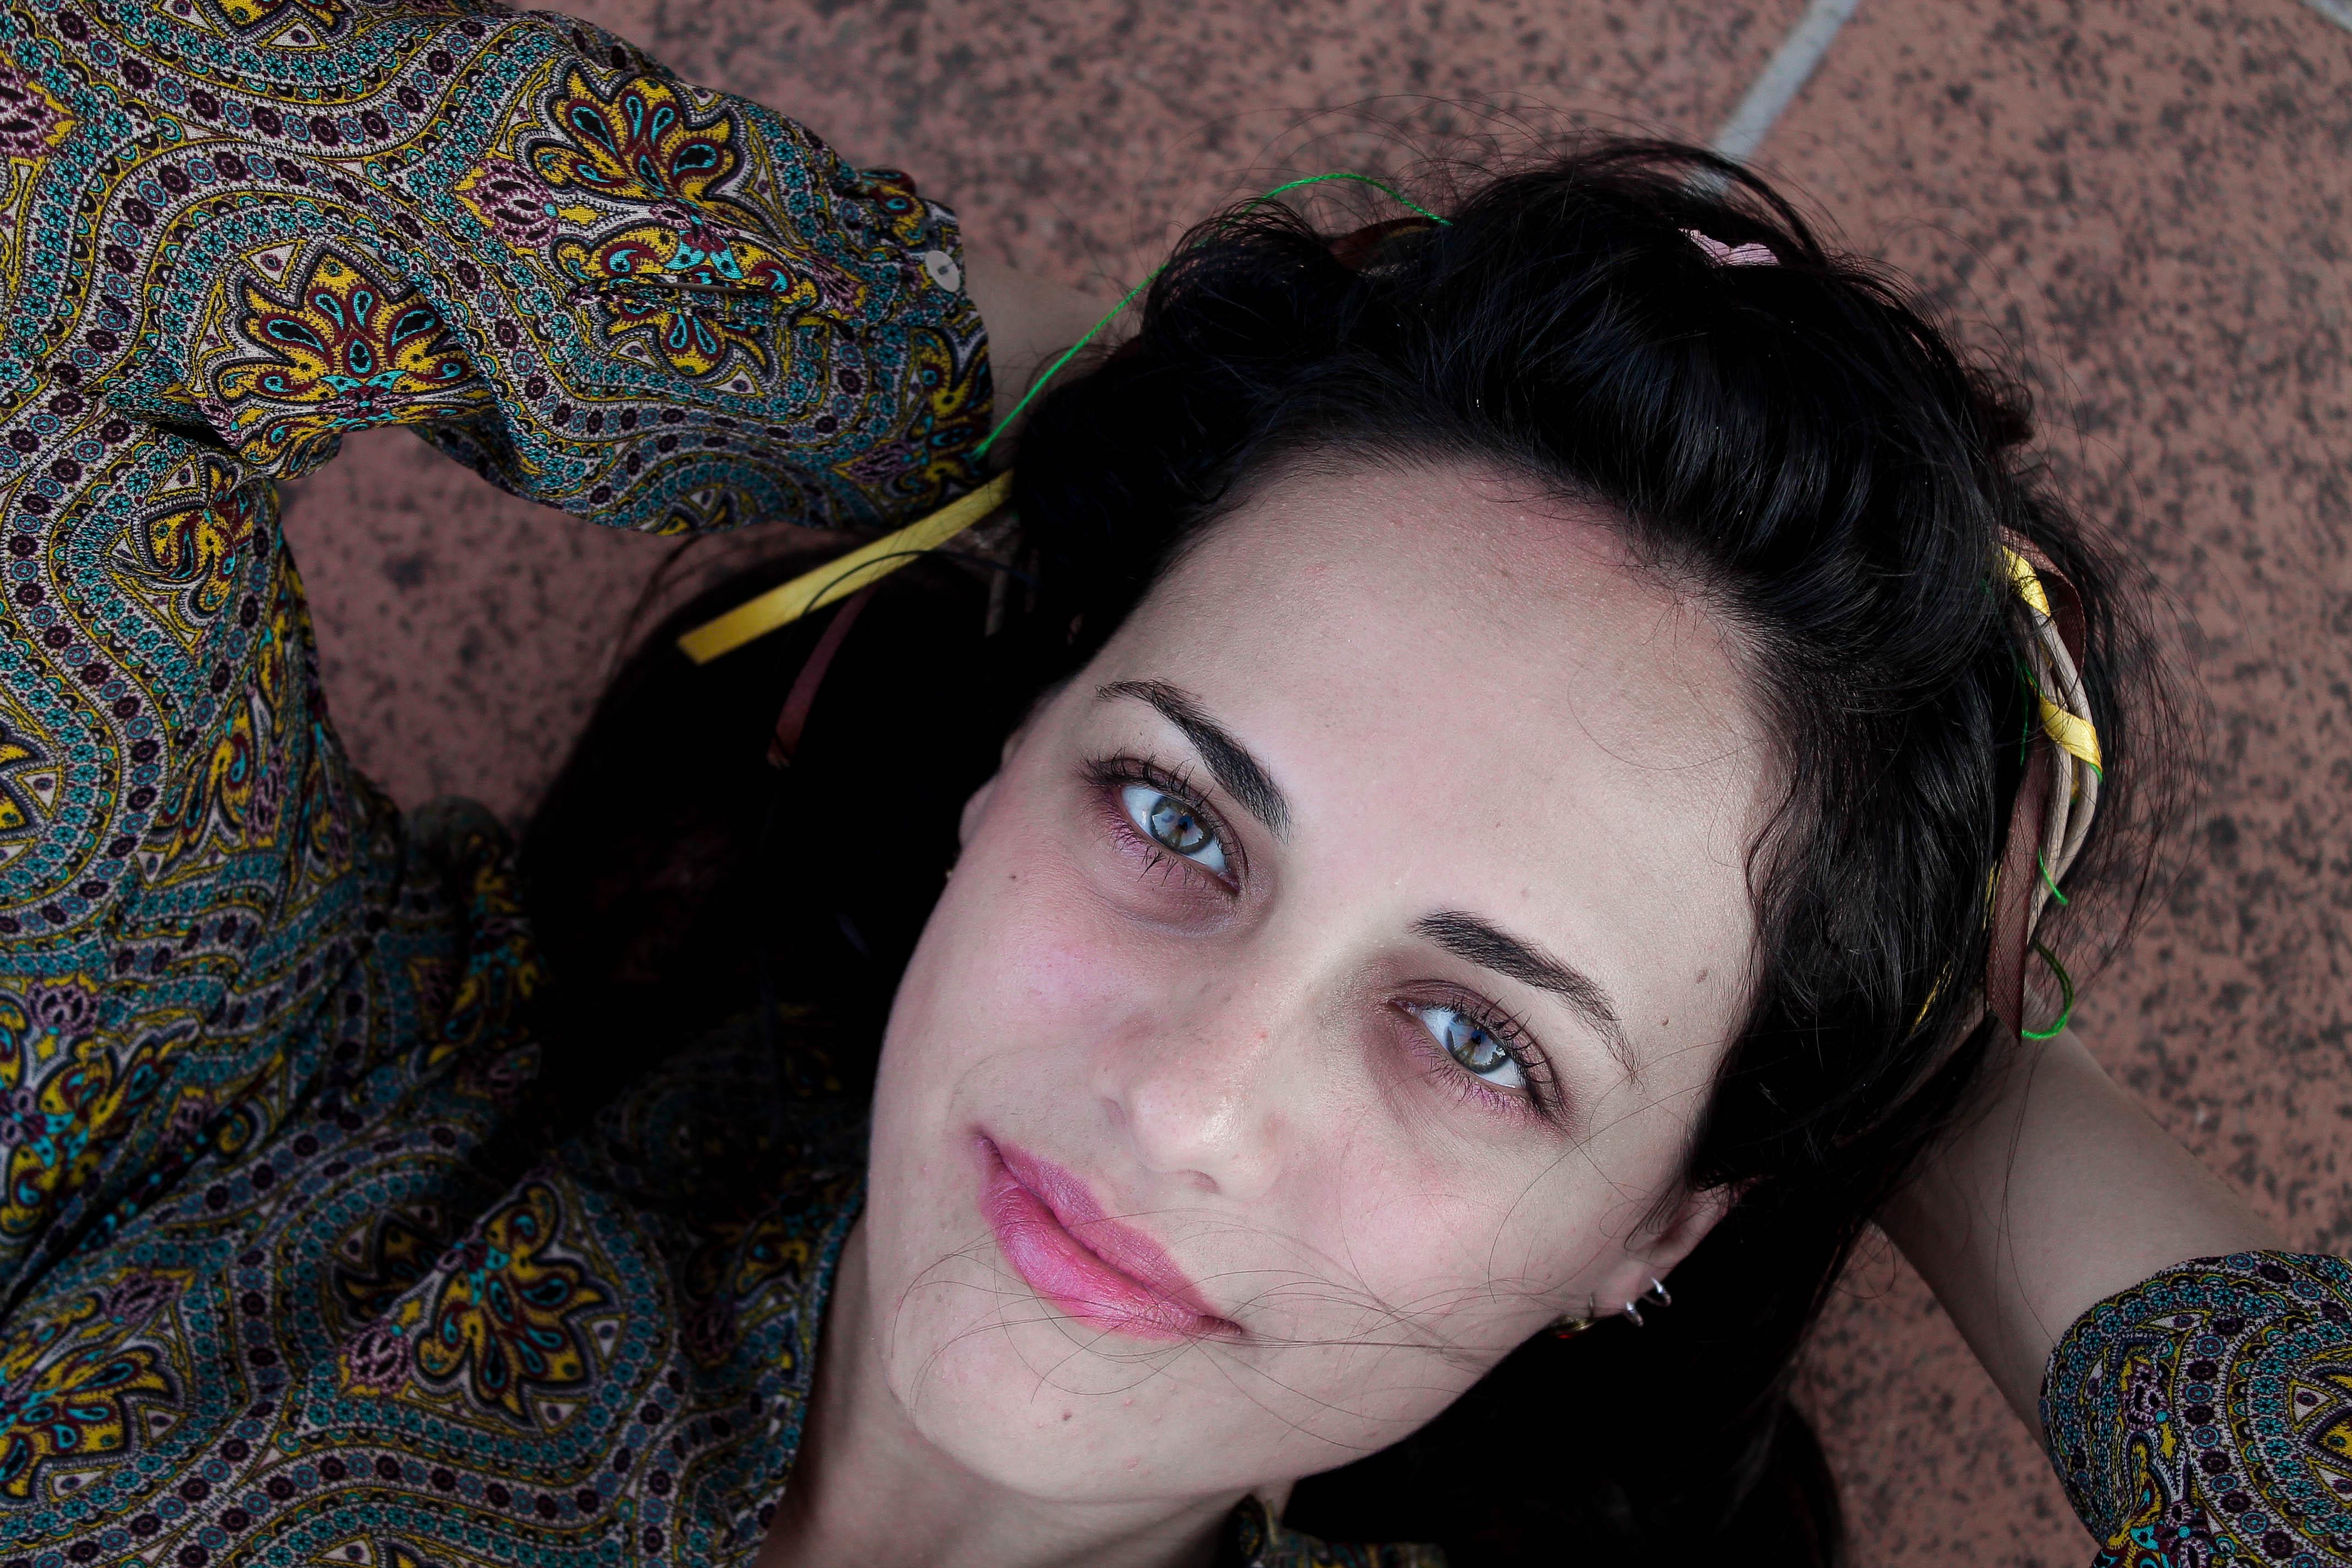 El bello rostro de esta mujer - 4272x2848